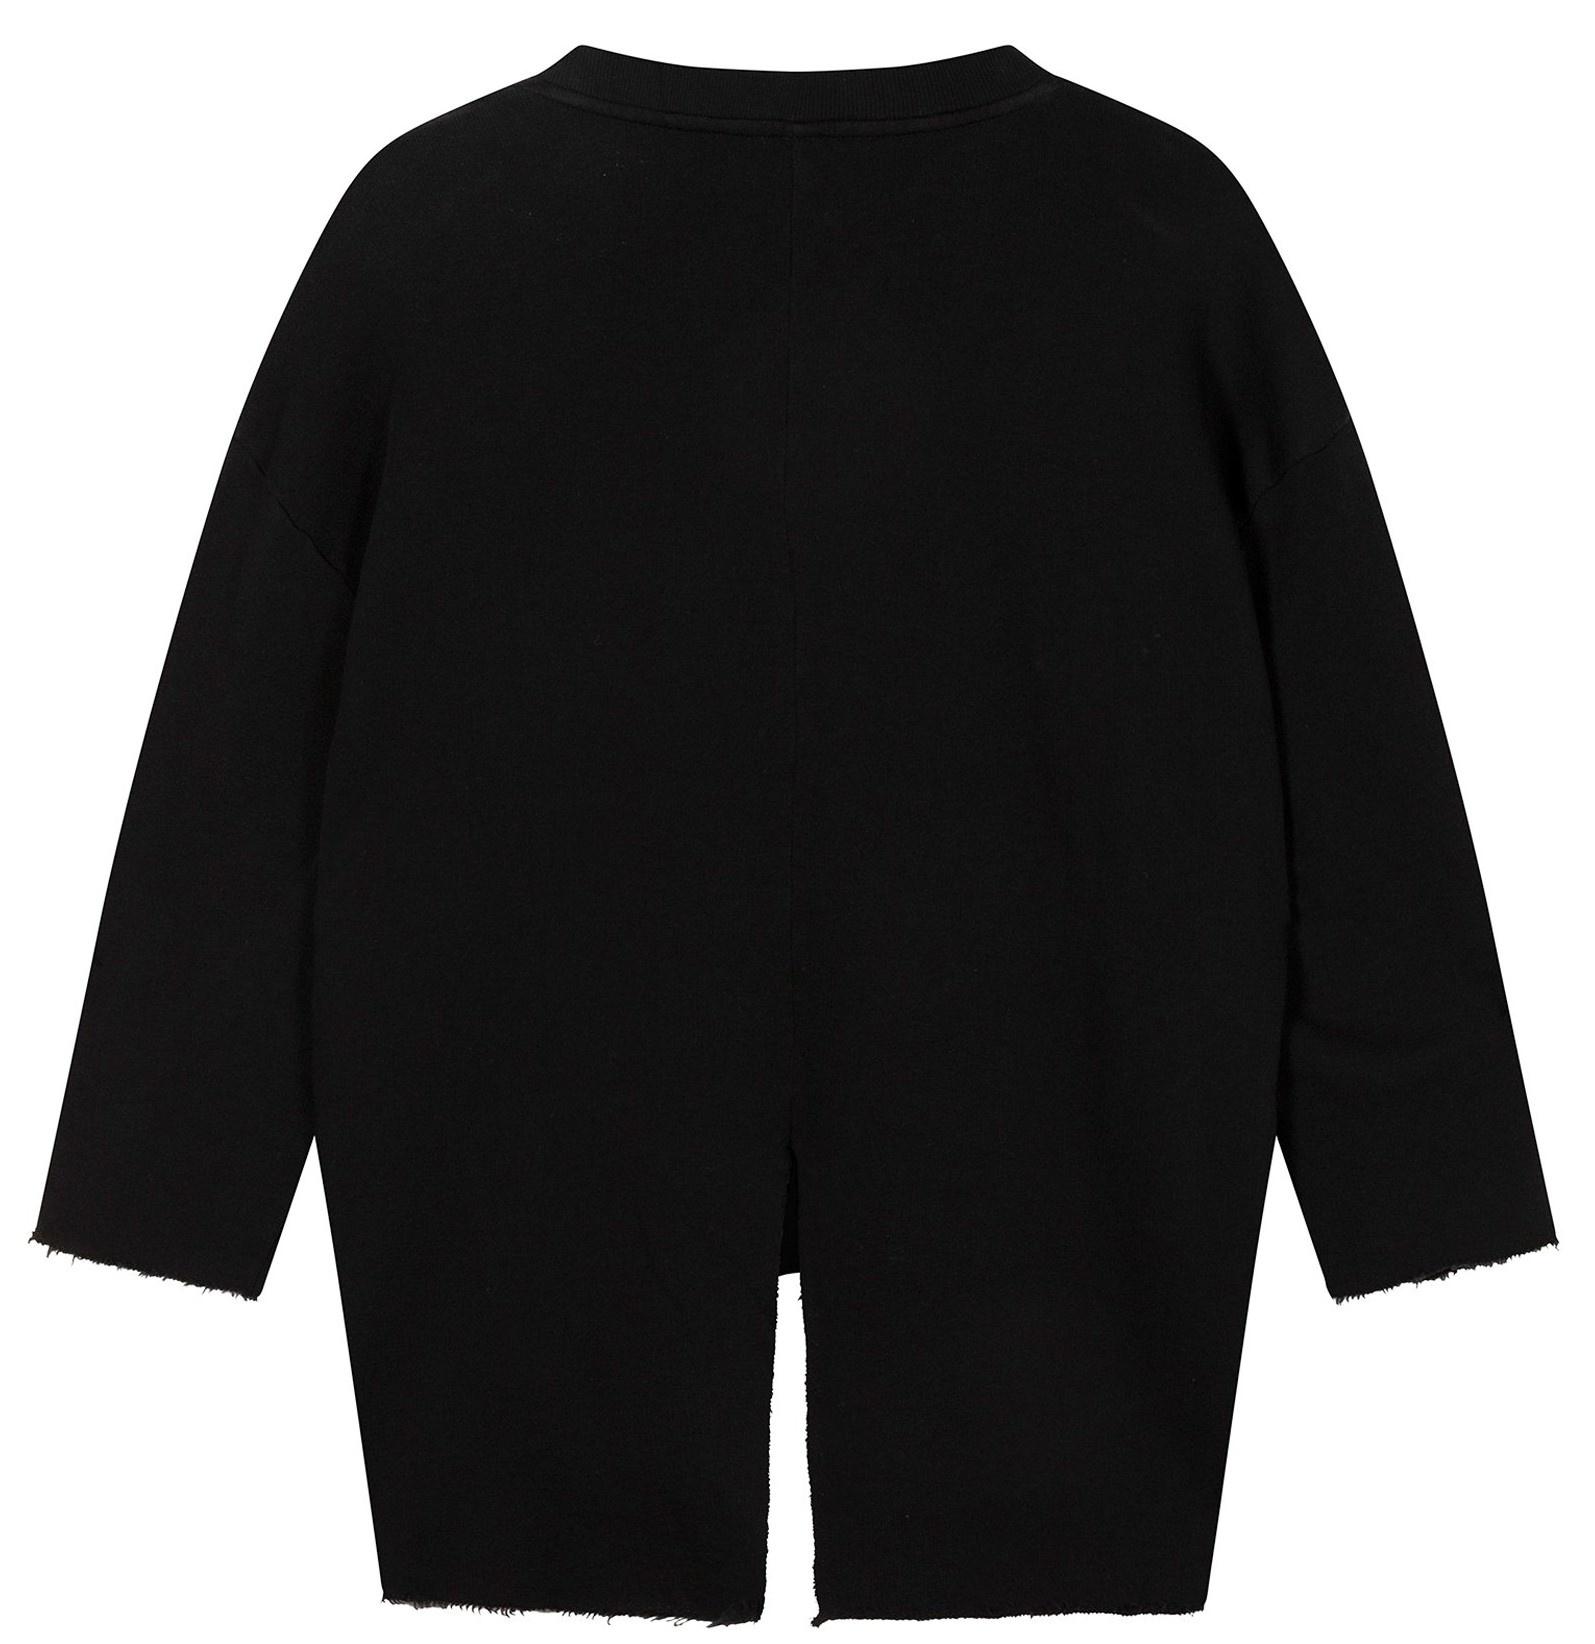 Trui sweater split black-4